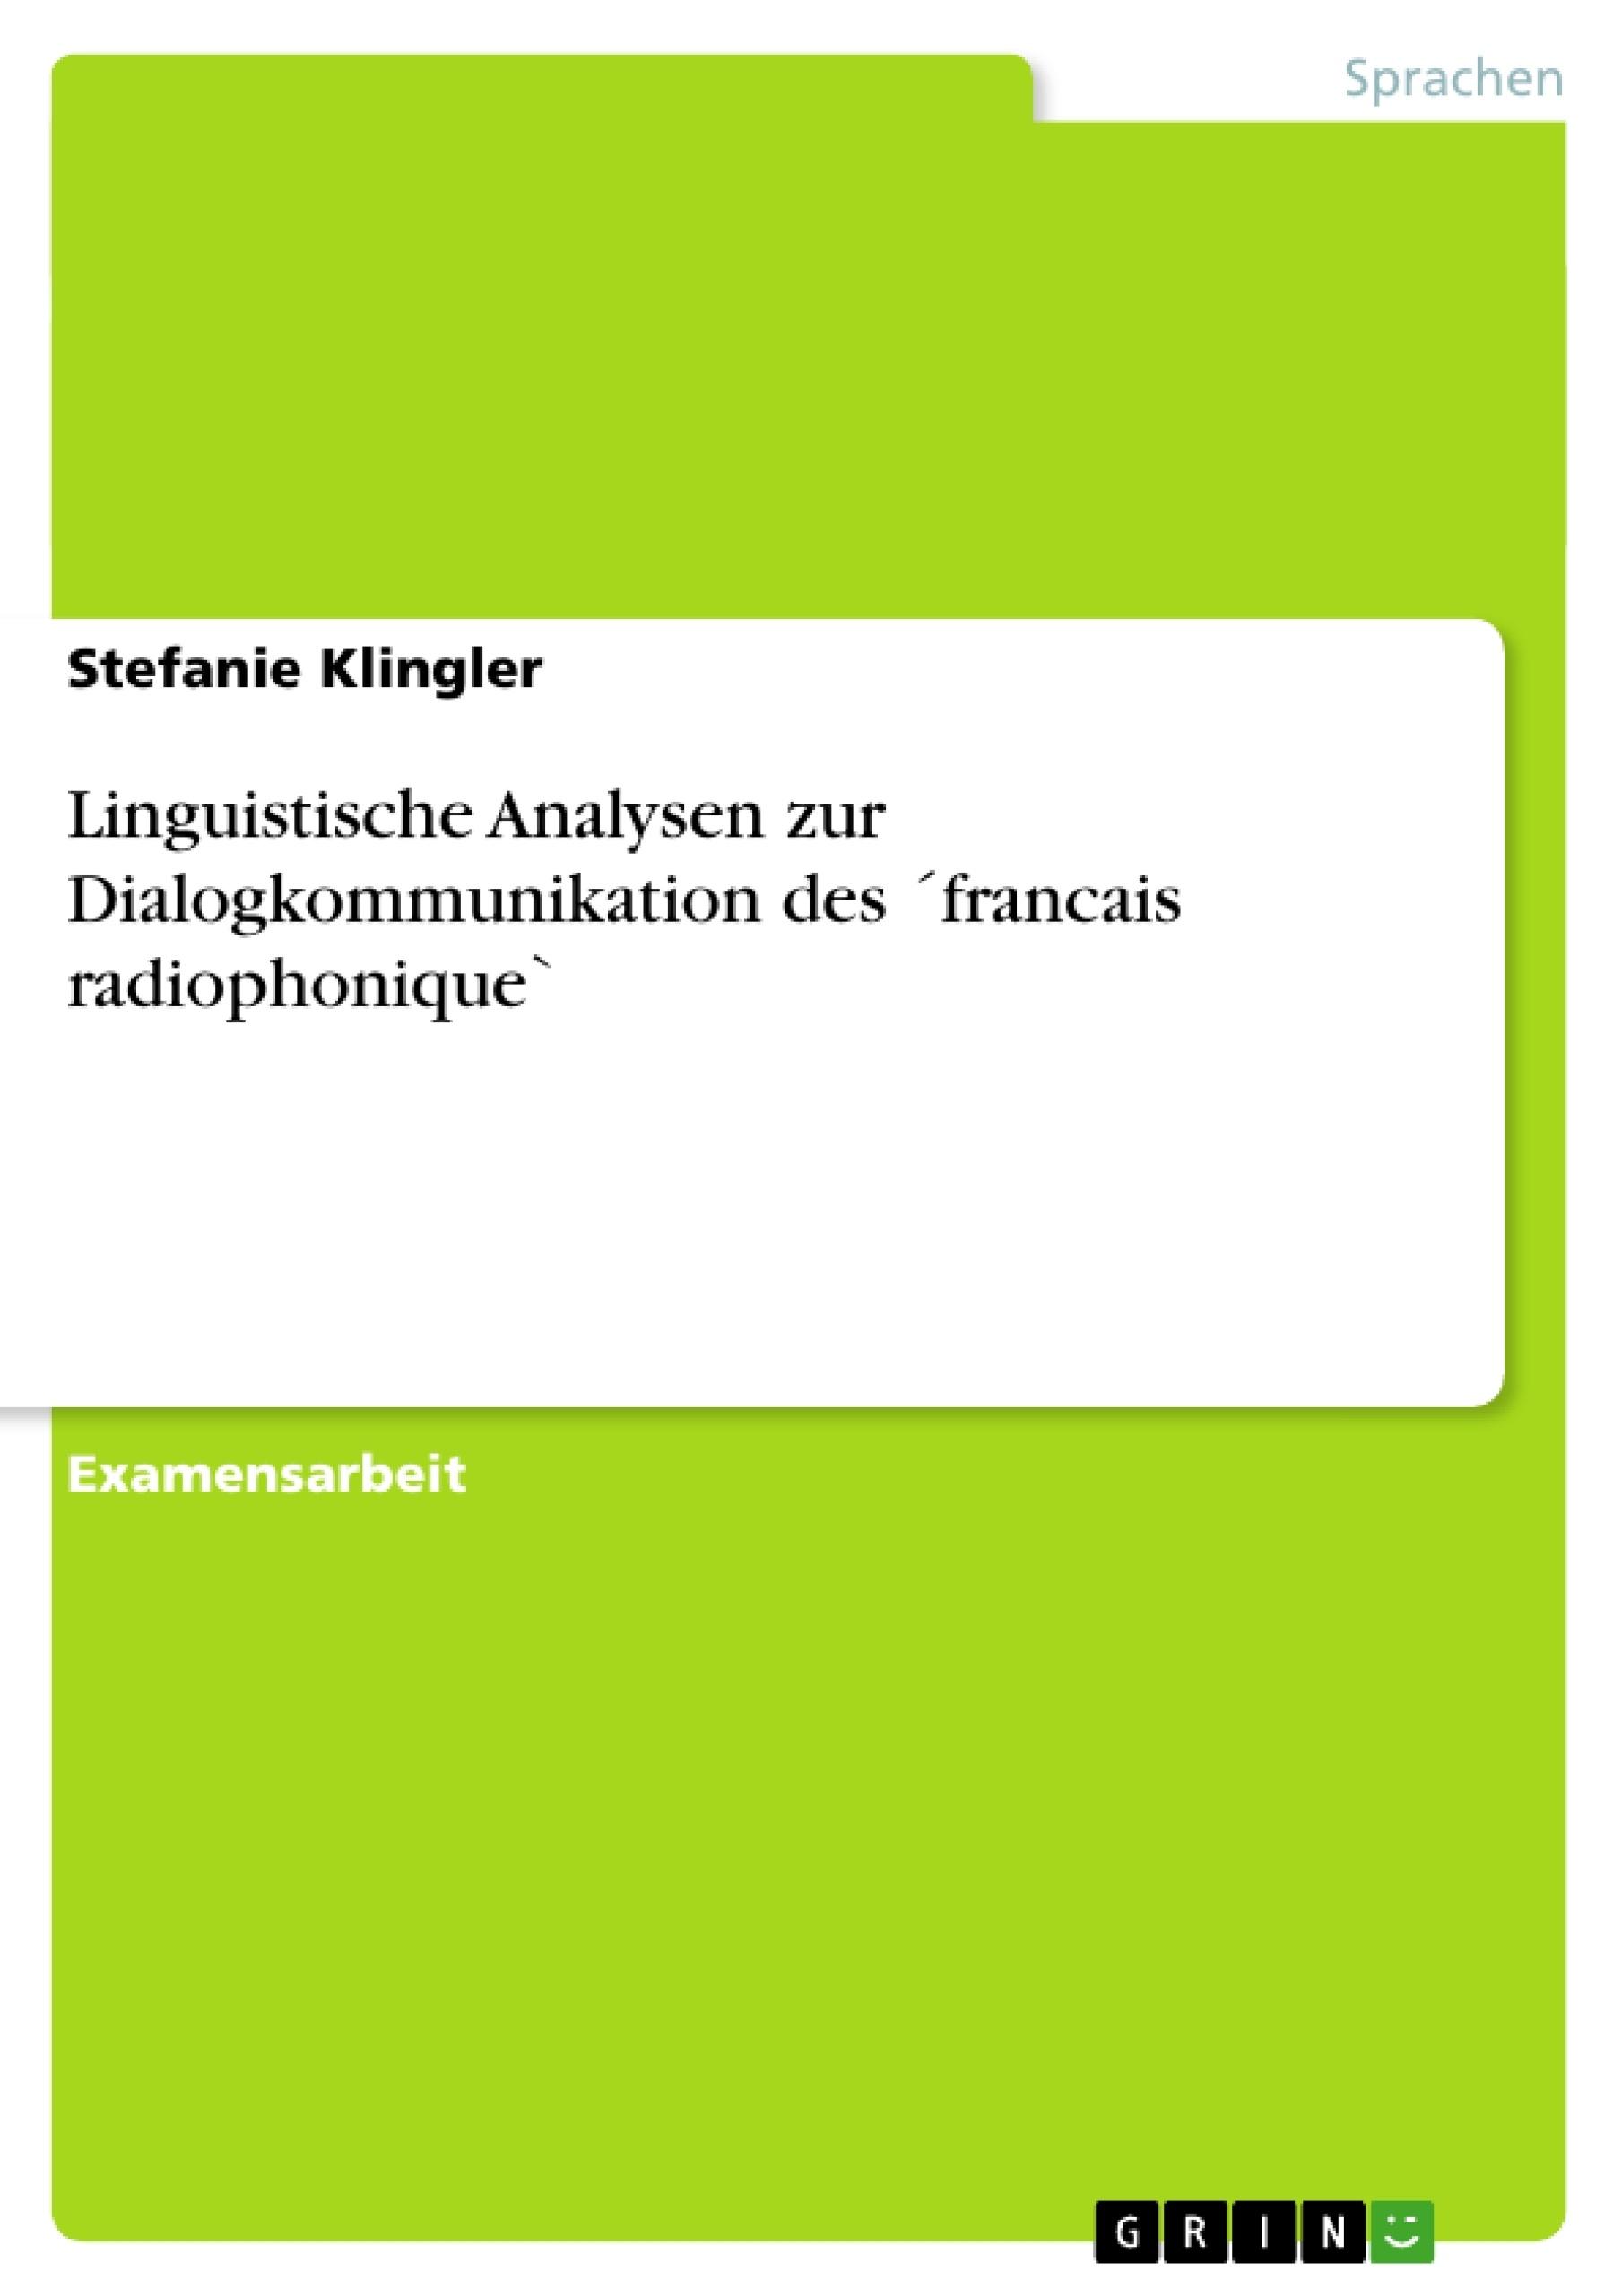 Titel: Linguistische Analysen zur Dialogkommunikation des ´francais radiophonique`